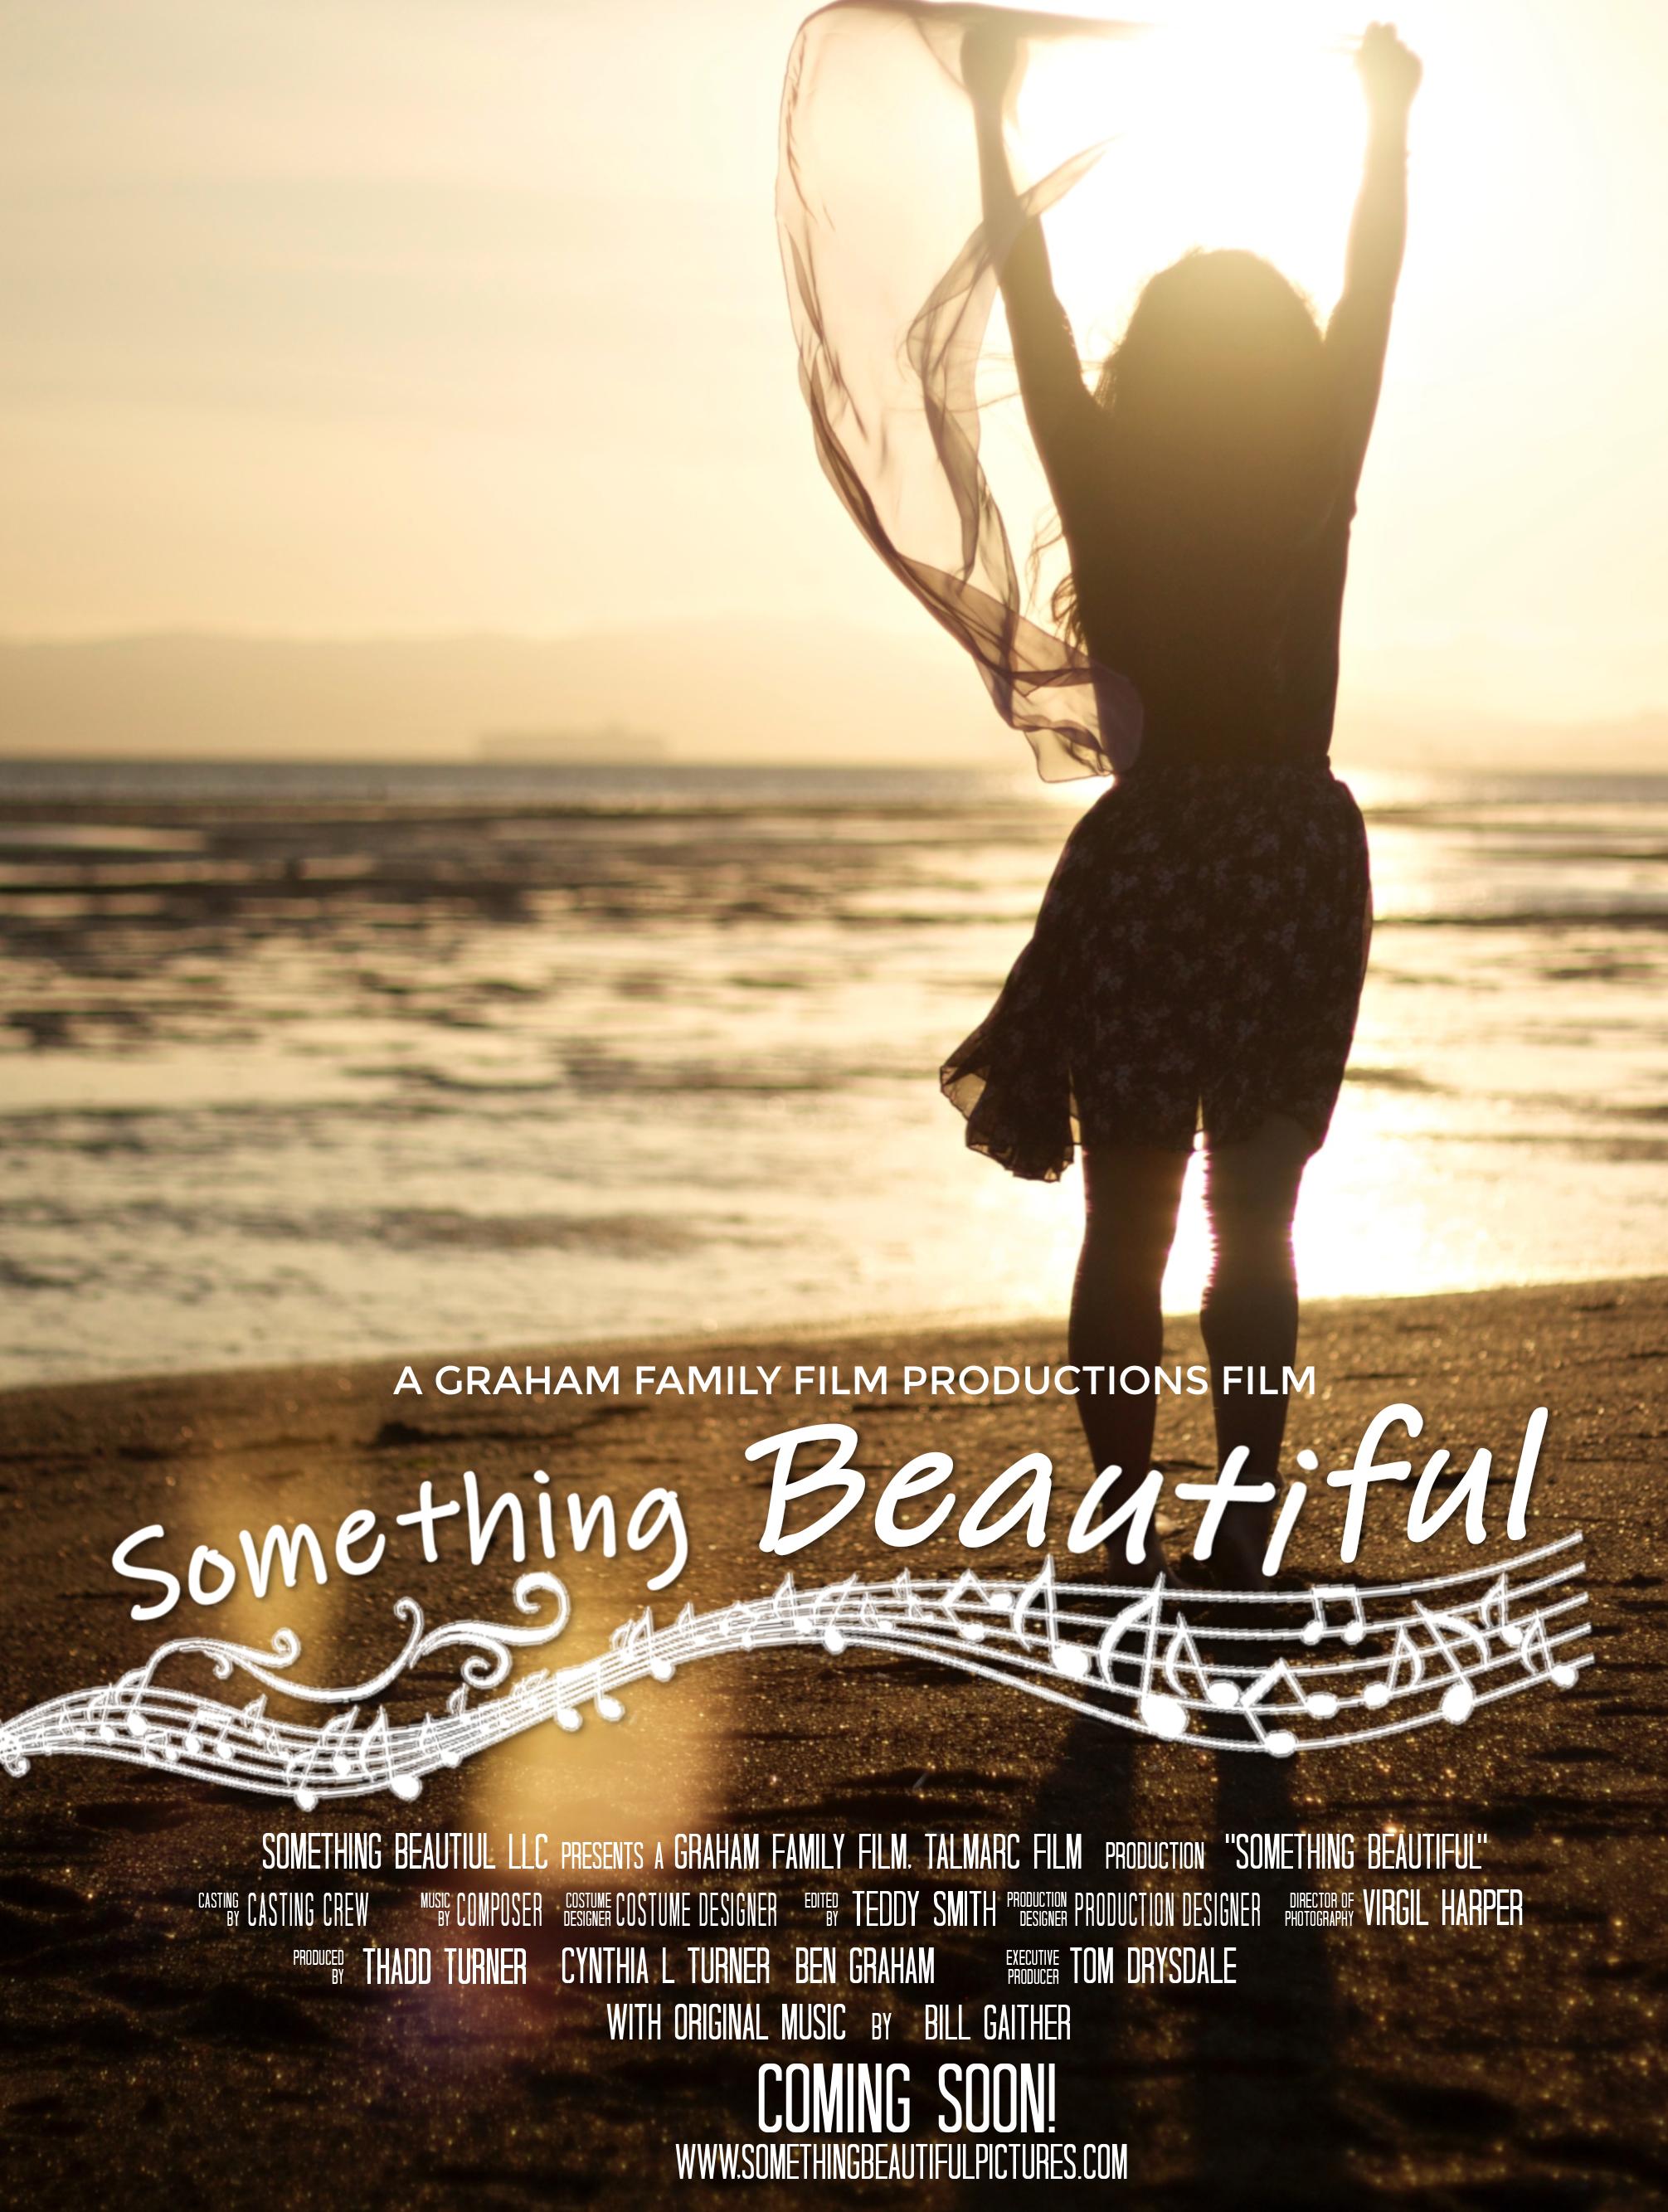 SOMETHING BEAUTIFUL Movie Poster Templat